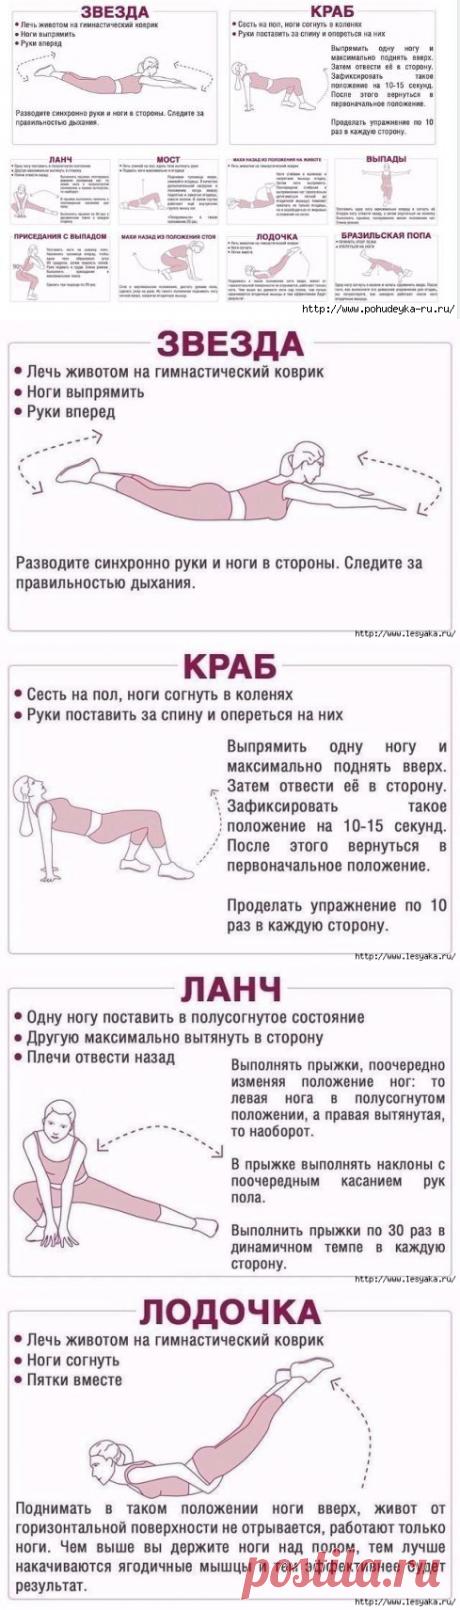 Эффективные упражнения для ягодиц!